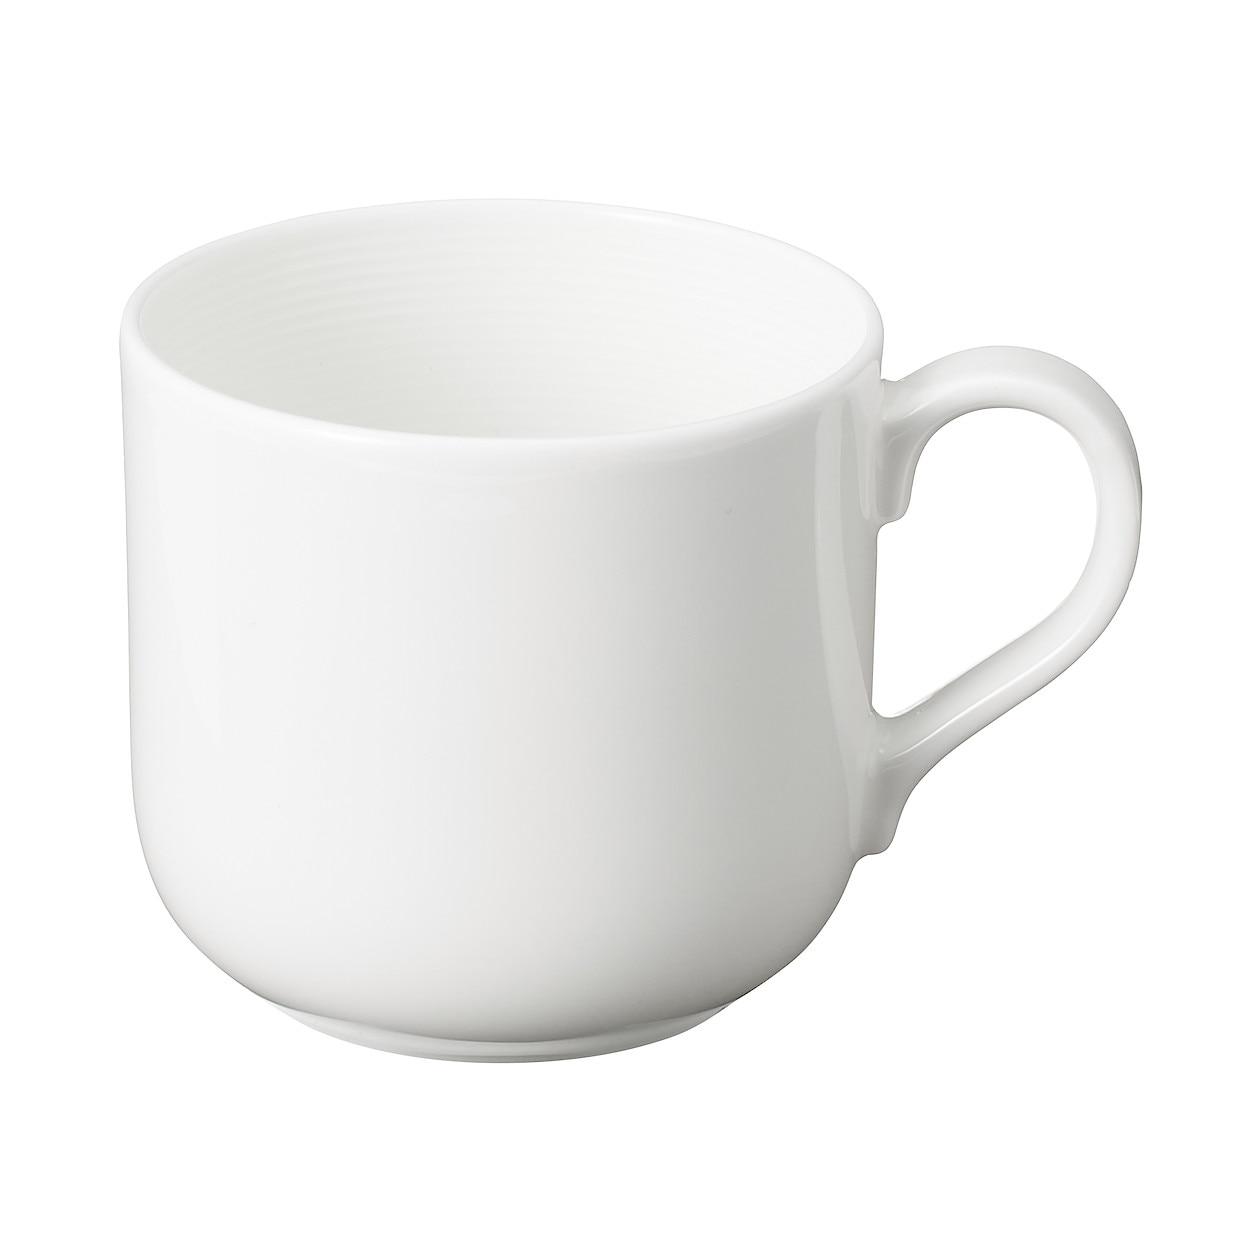 ボーンチャイナ コーヒーカップ